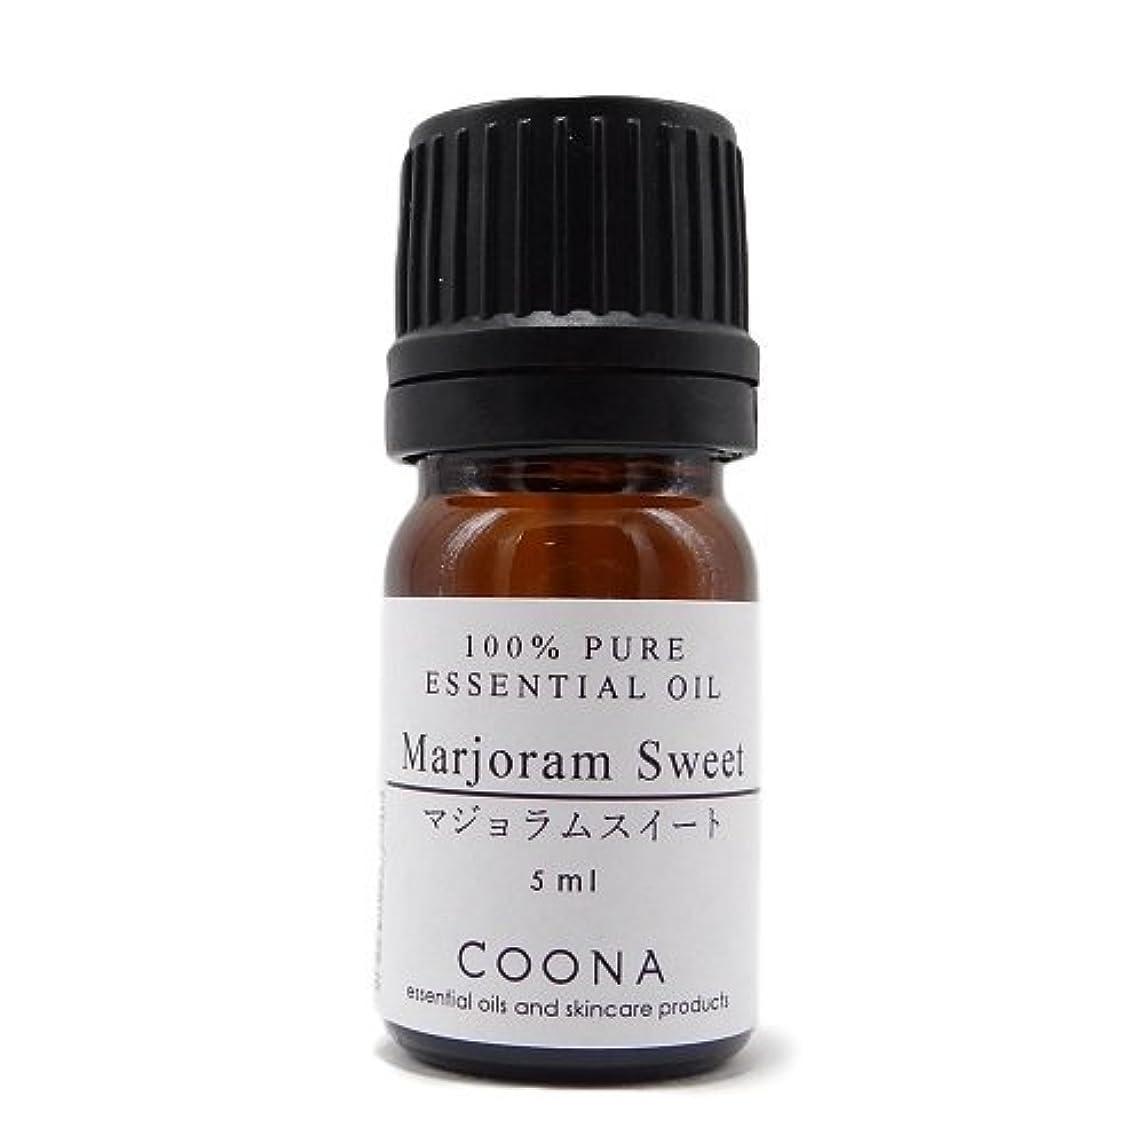 自信がある花以来マジョラム スイート 5 ml (COONA エッセンシャルオイル アロマオイル 100%天然植物精油)